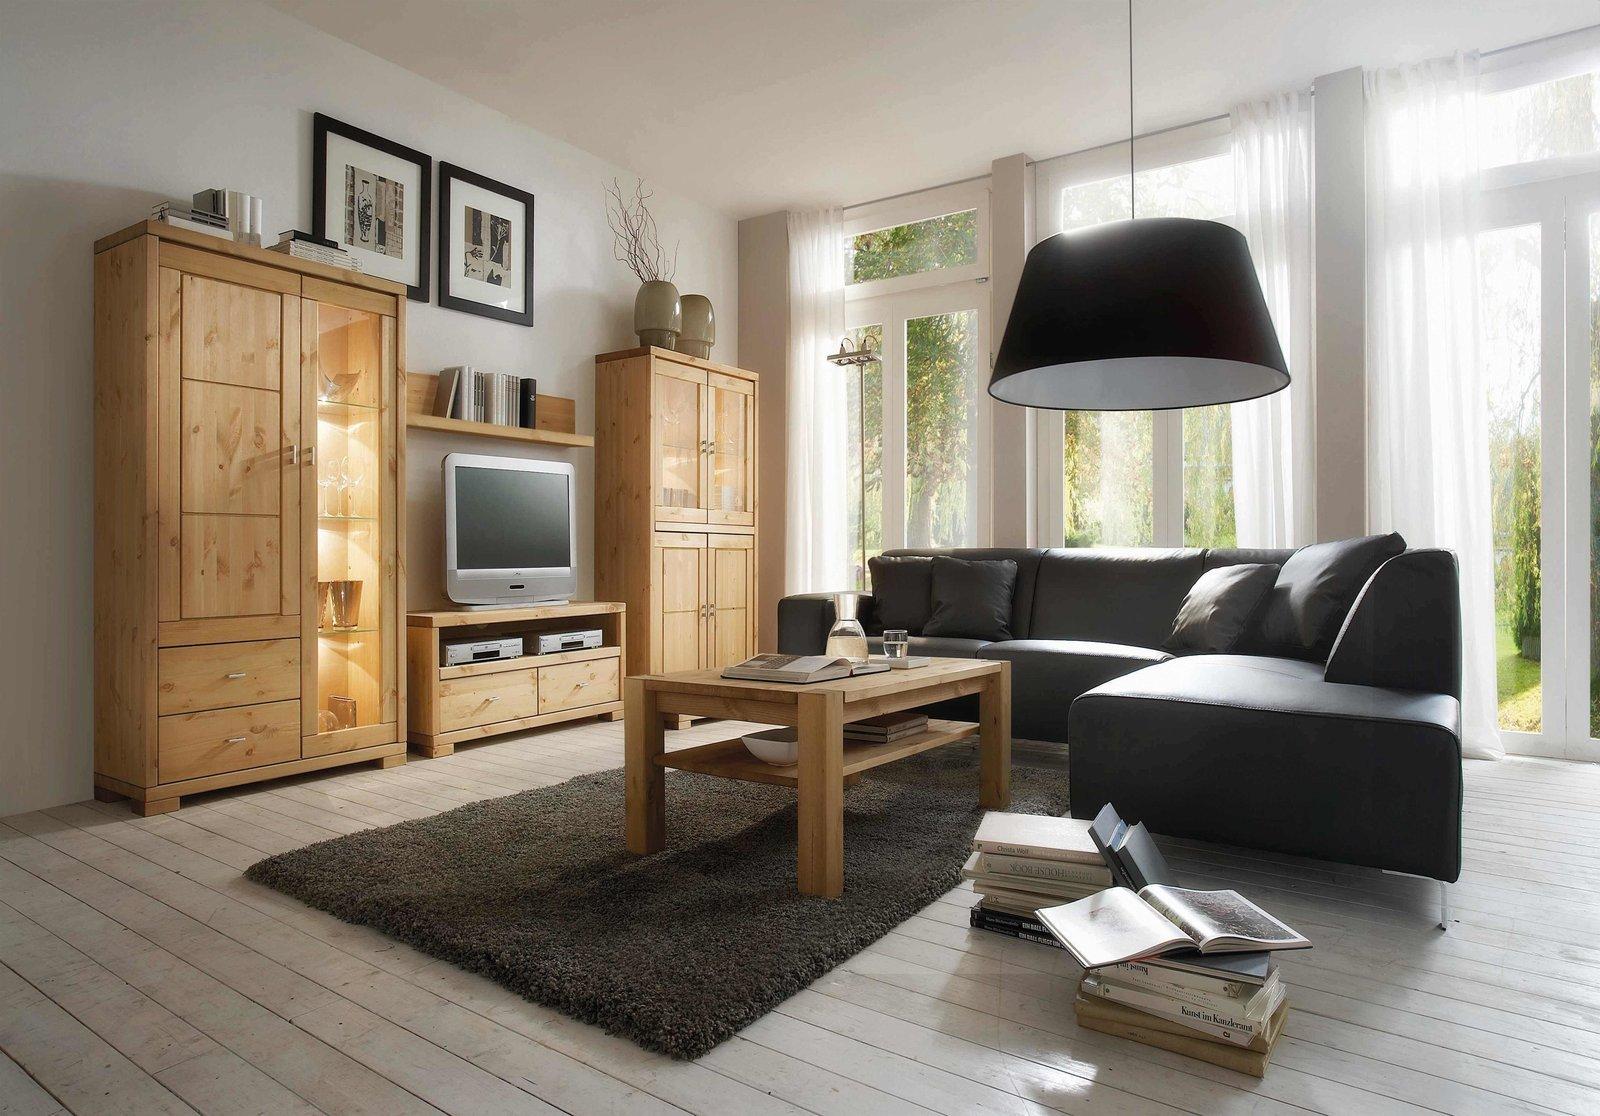 Infans Wandregal Vita fürs Wohnzimmer aus massiver Kiefer, Bild 3